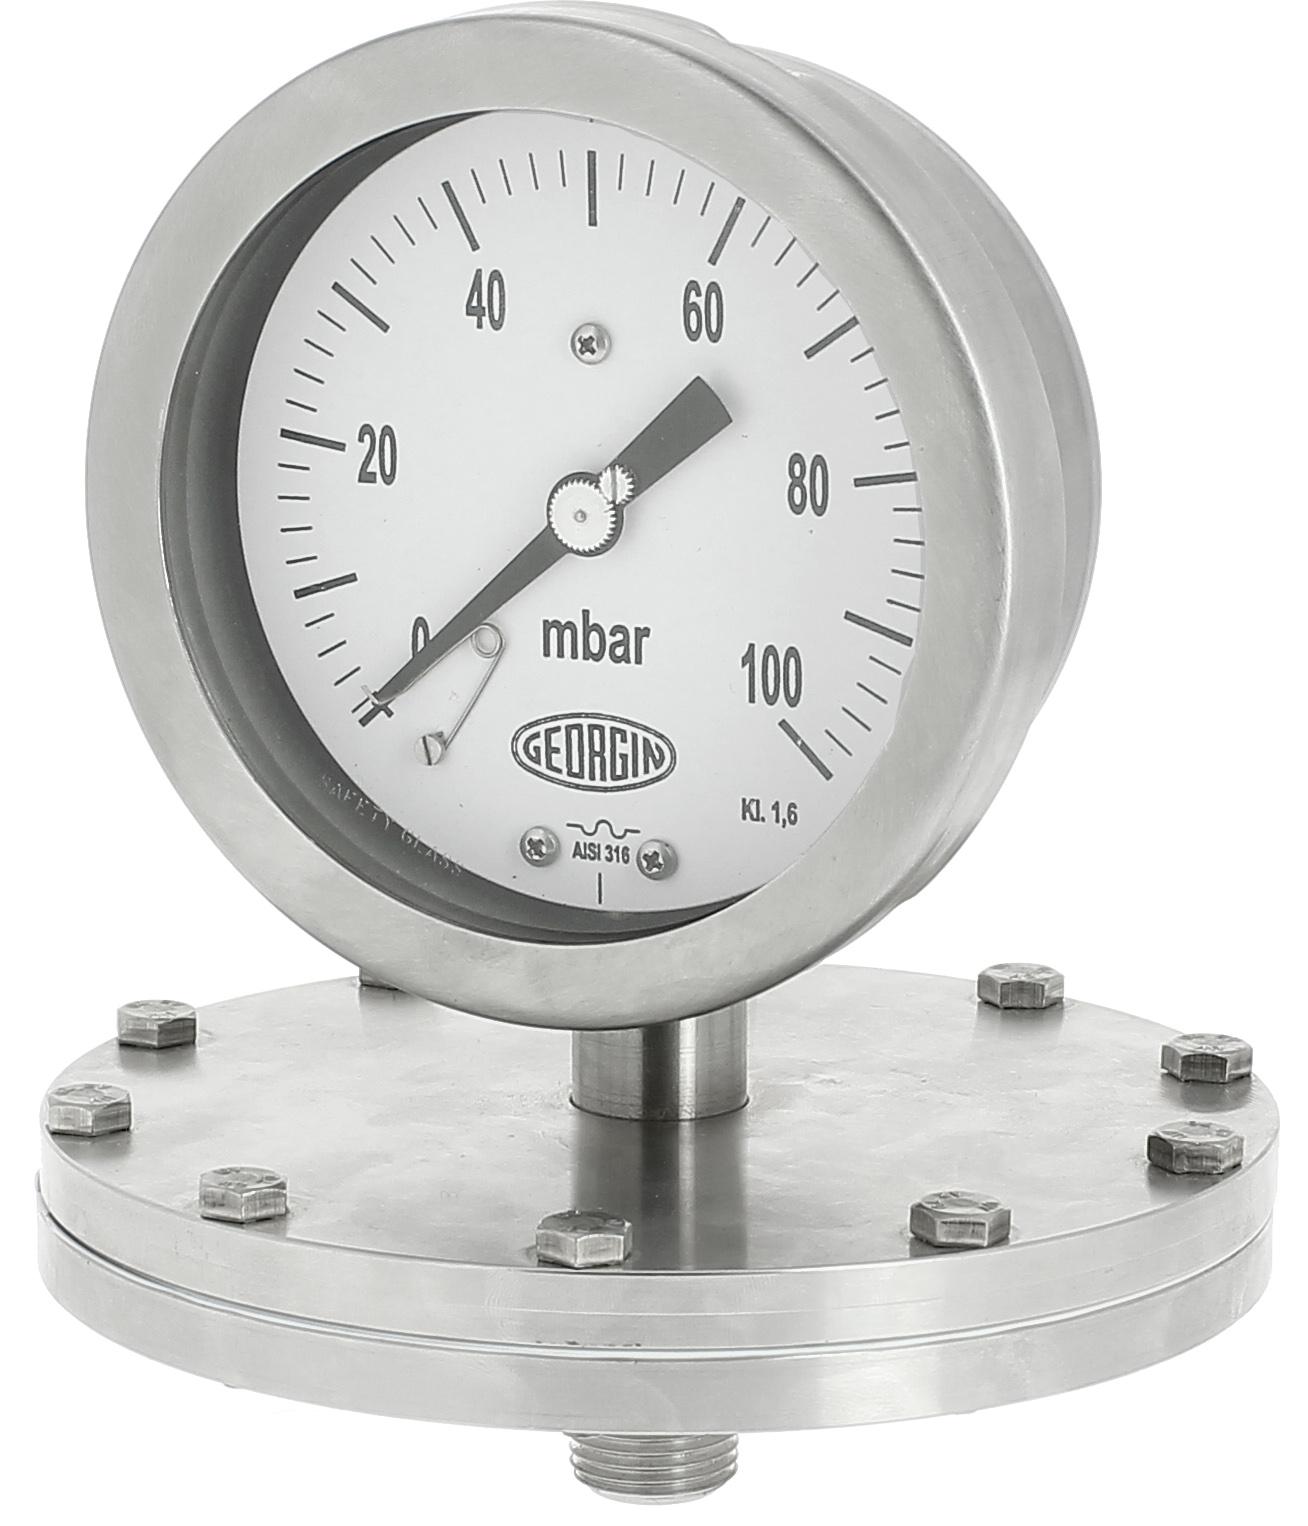 Đồng hồ áp suất màng đo áp thấp